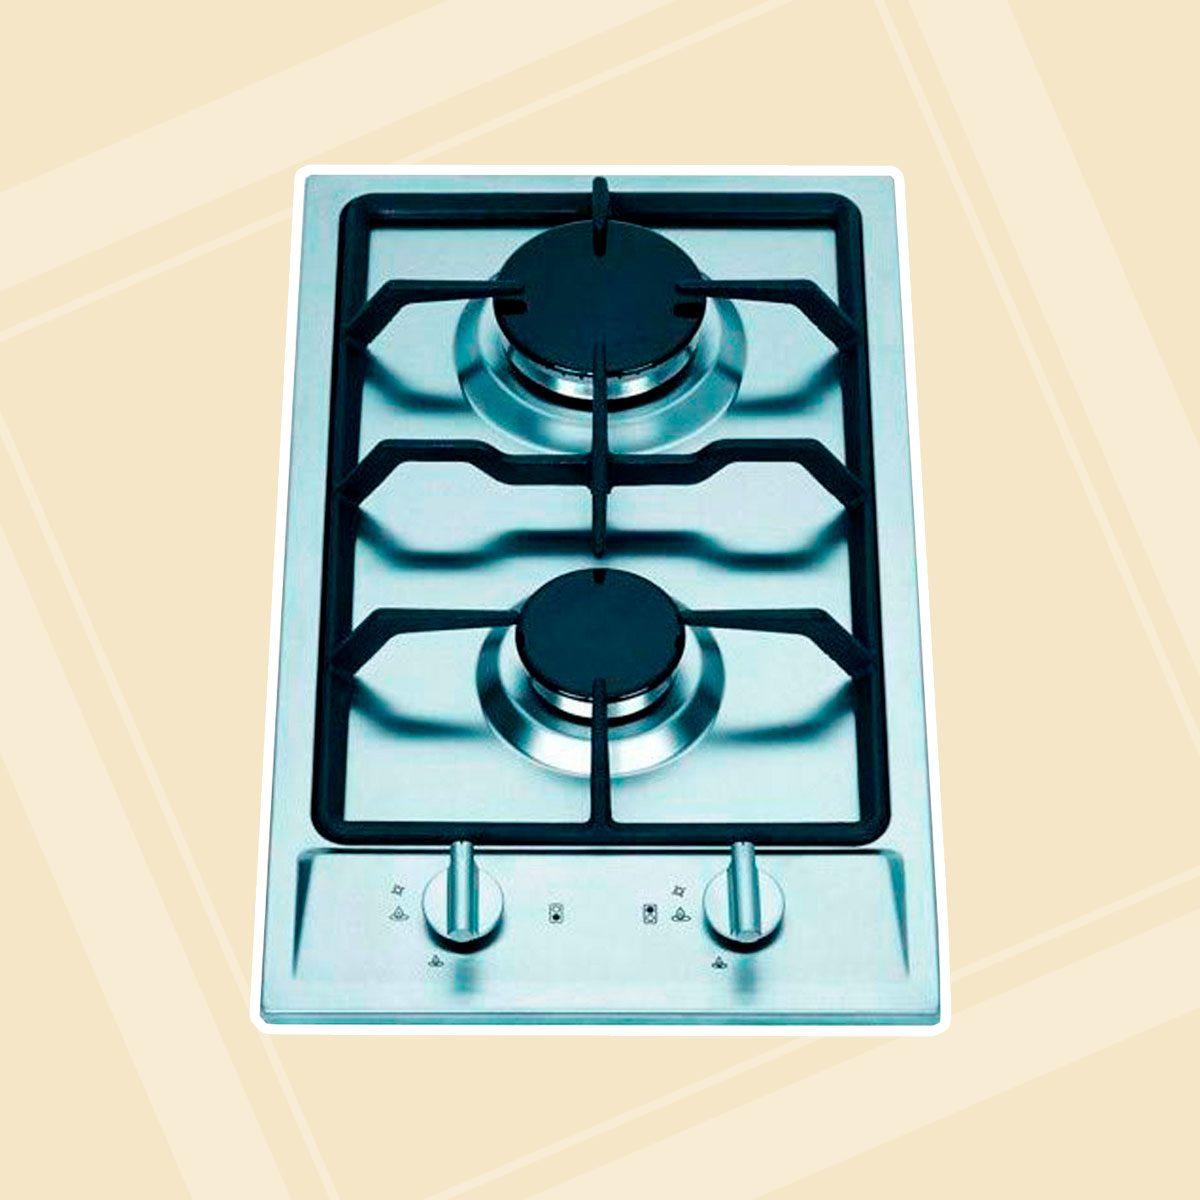 Ramblewood High-Efficiency 2-Burner Gas Cooktop